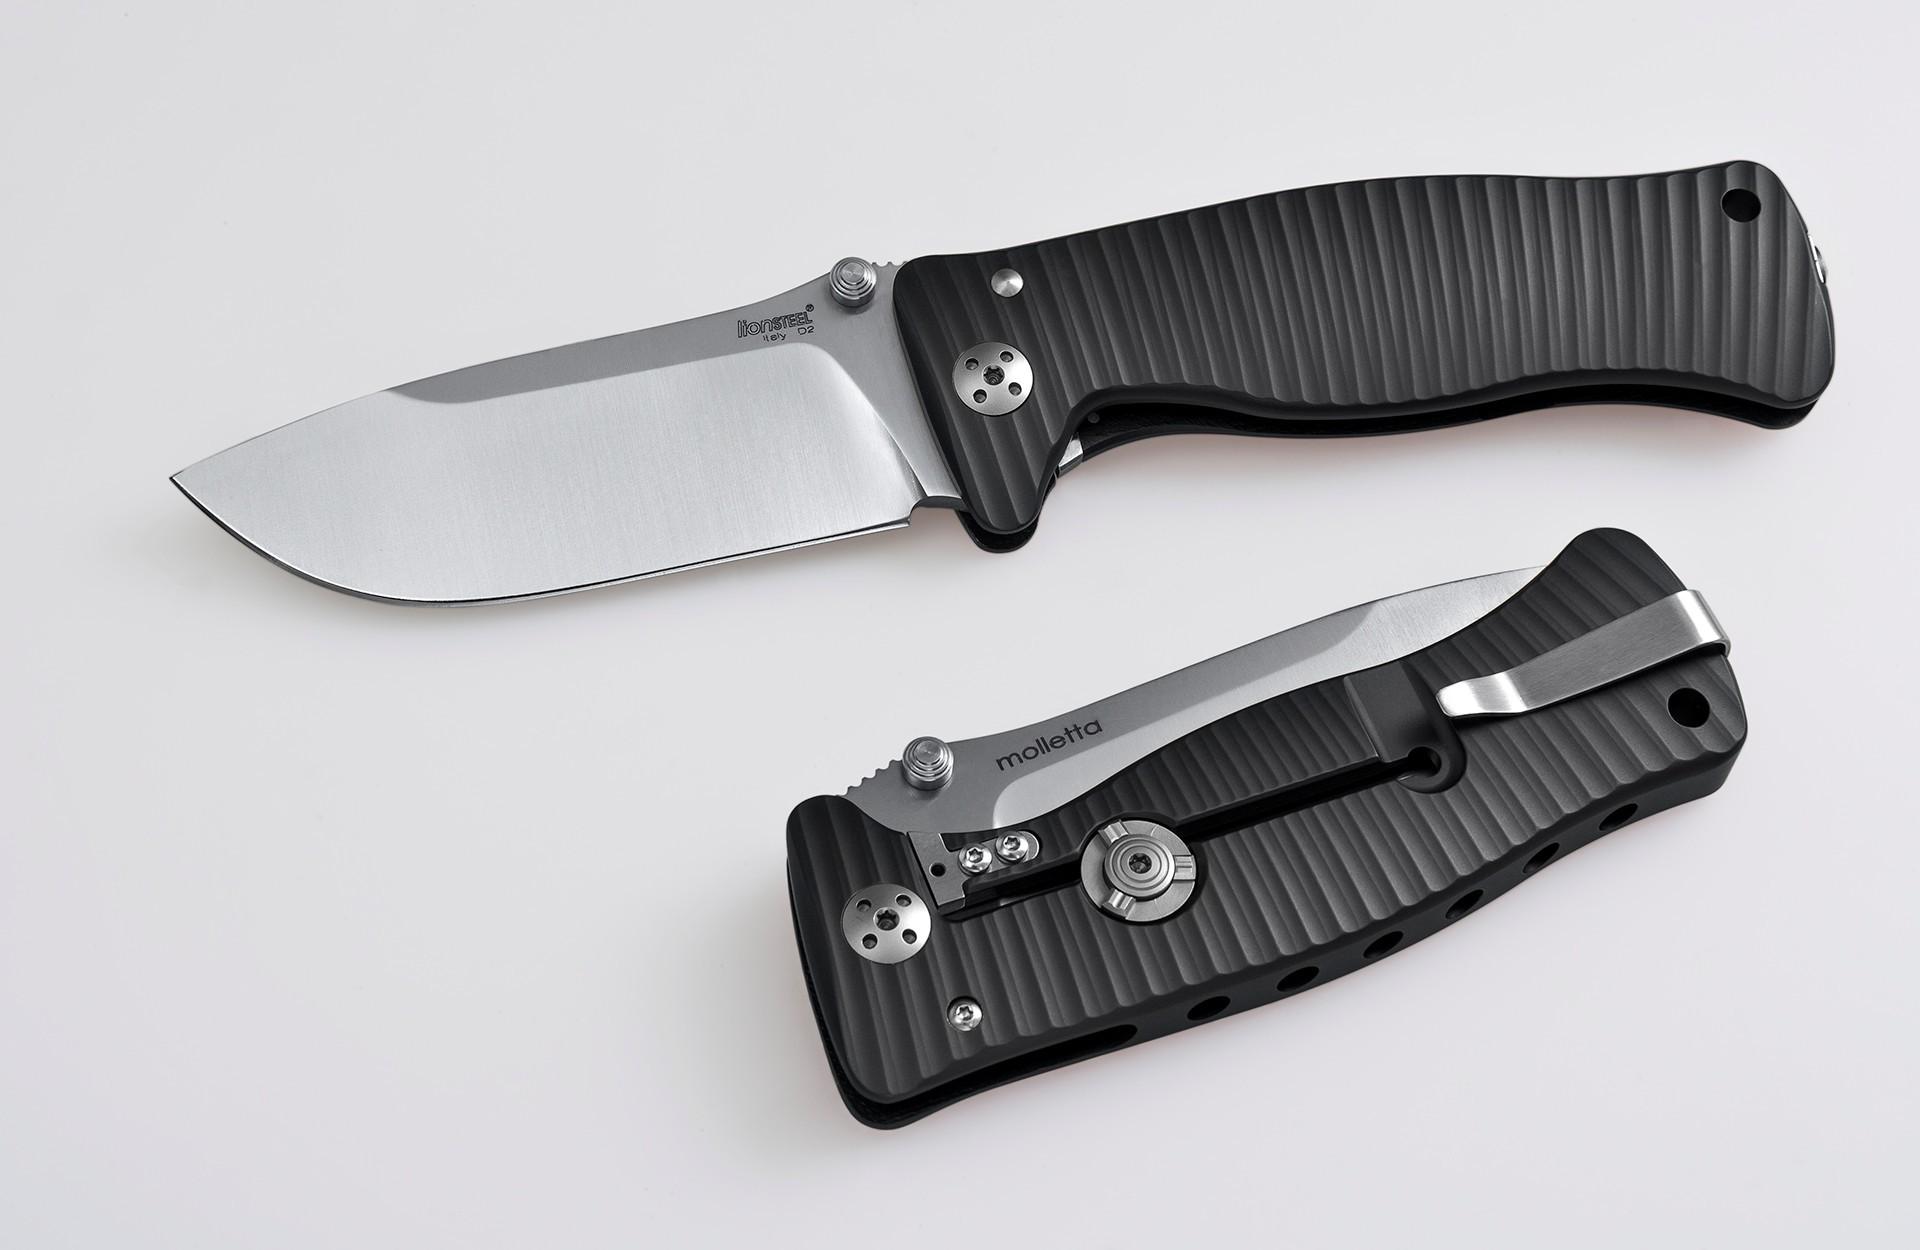 Фото 3 - Нож складной SR-1, Solid® Black Anodized Aluminum Handle, Satin Finish D2 Tool Steel от Lion Steel